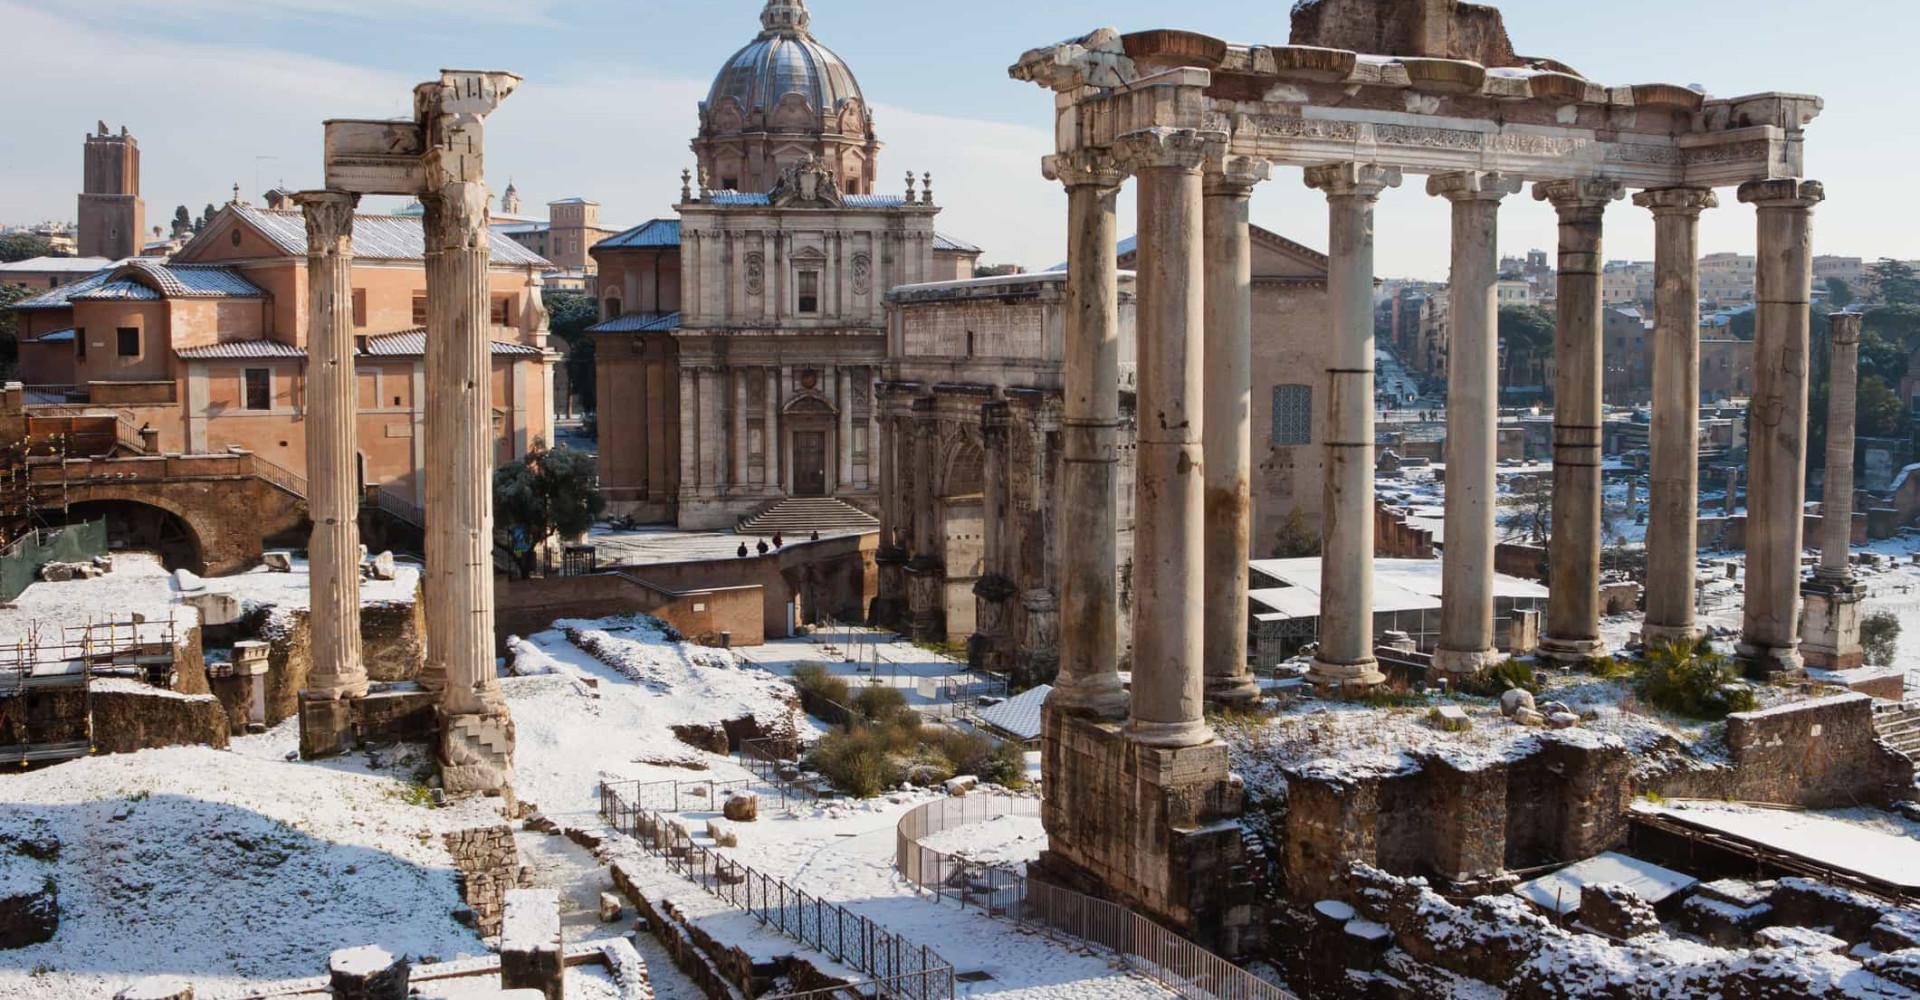 L'Italia innevata e i suoi paesaggi natalizi!